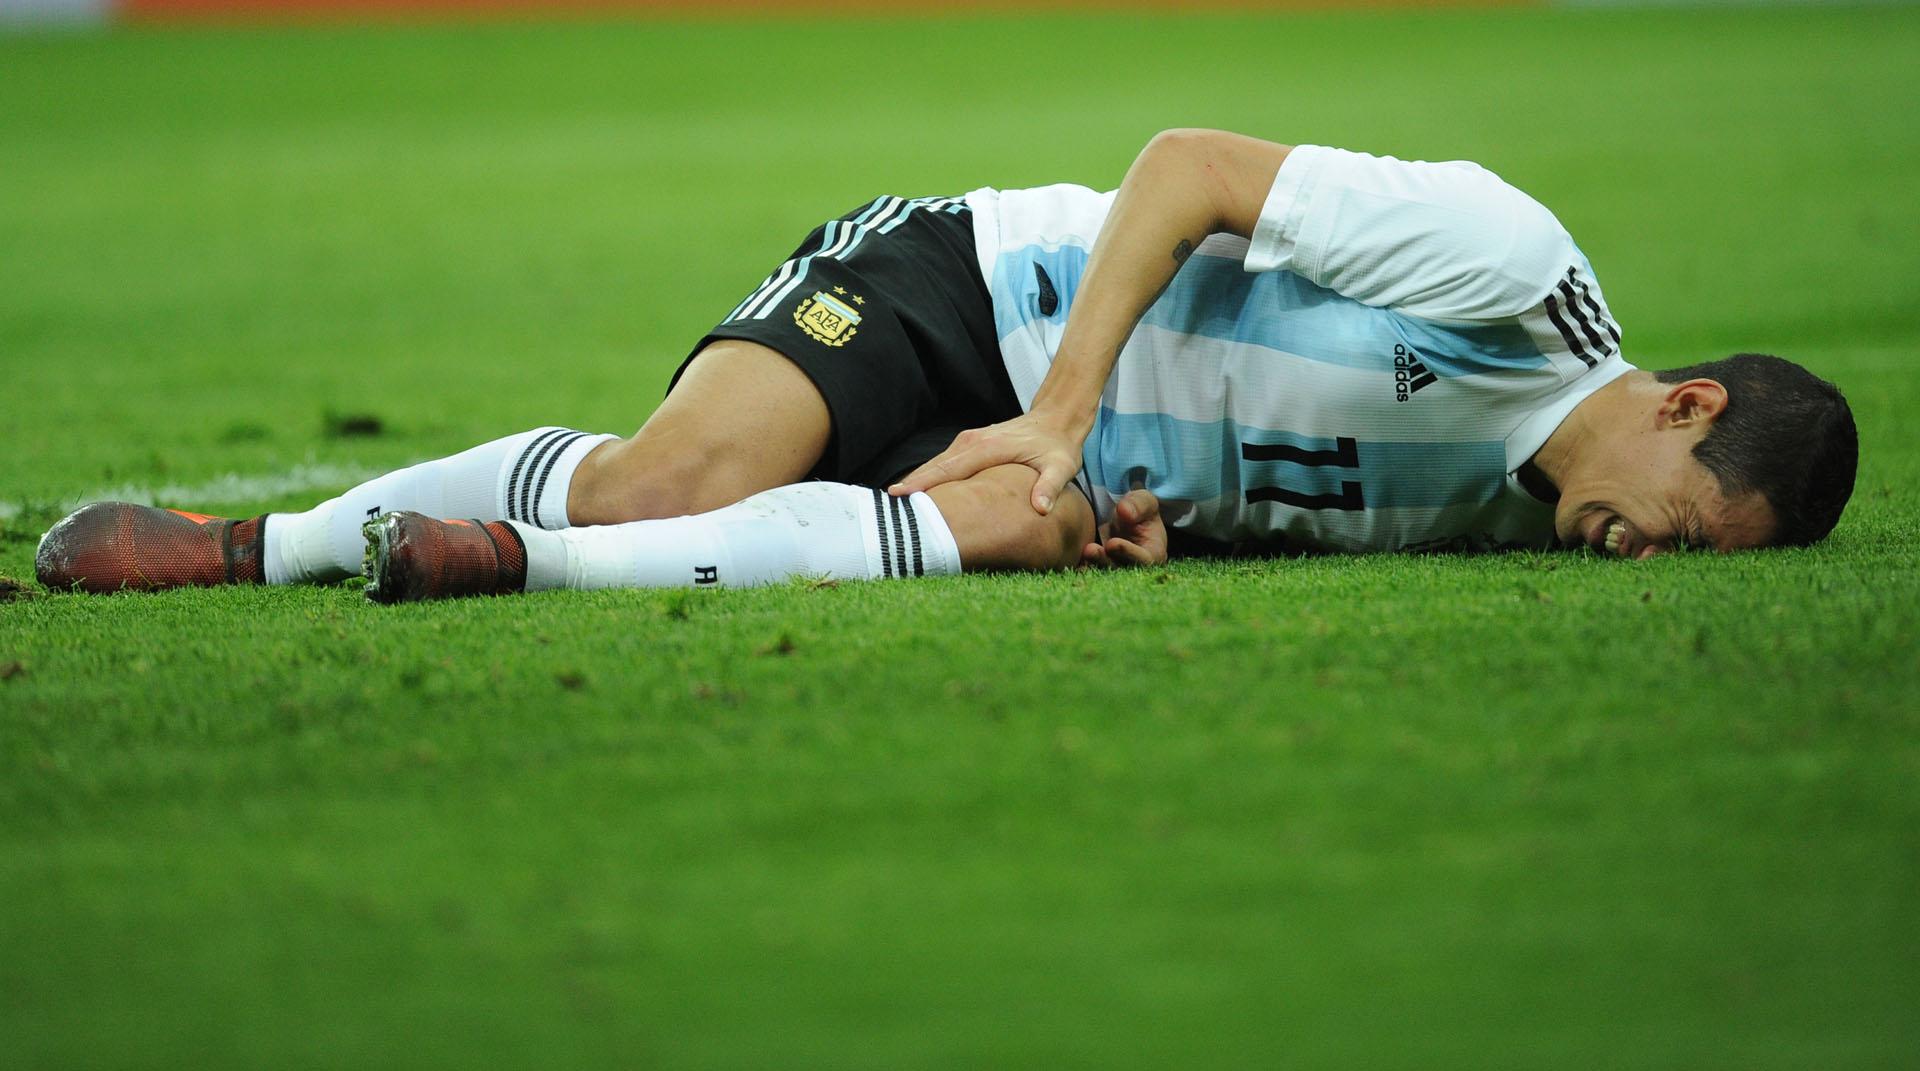 El jugador del PSG sufrió una lesión y fue reemplazado por Rigoni